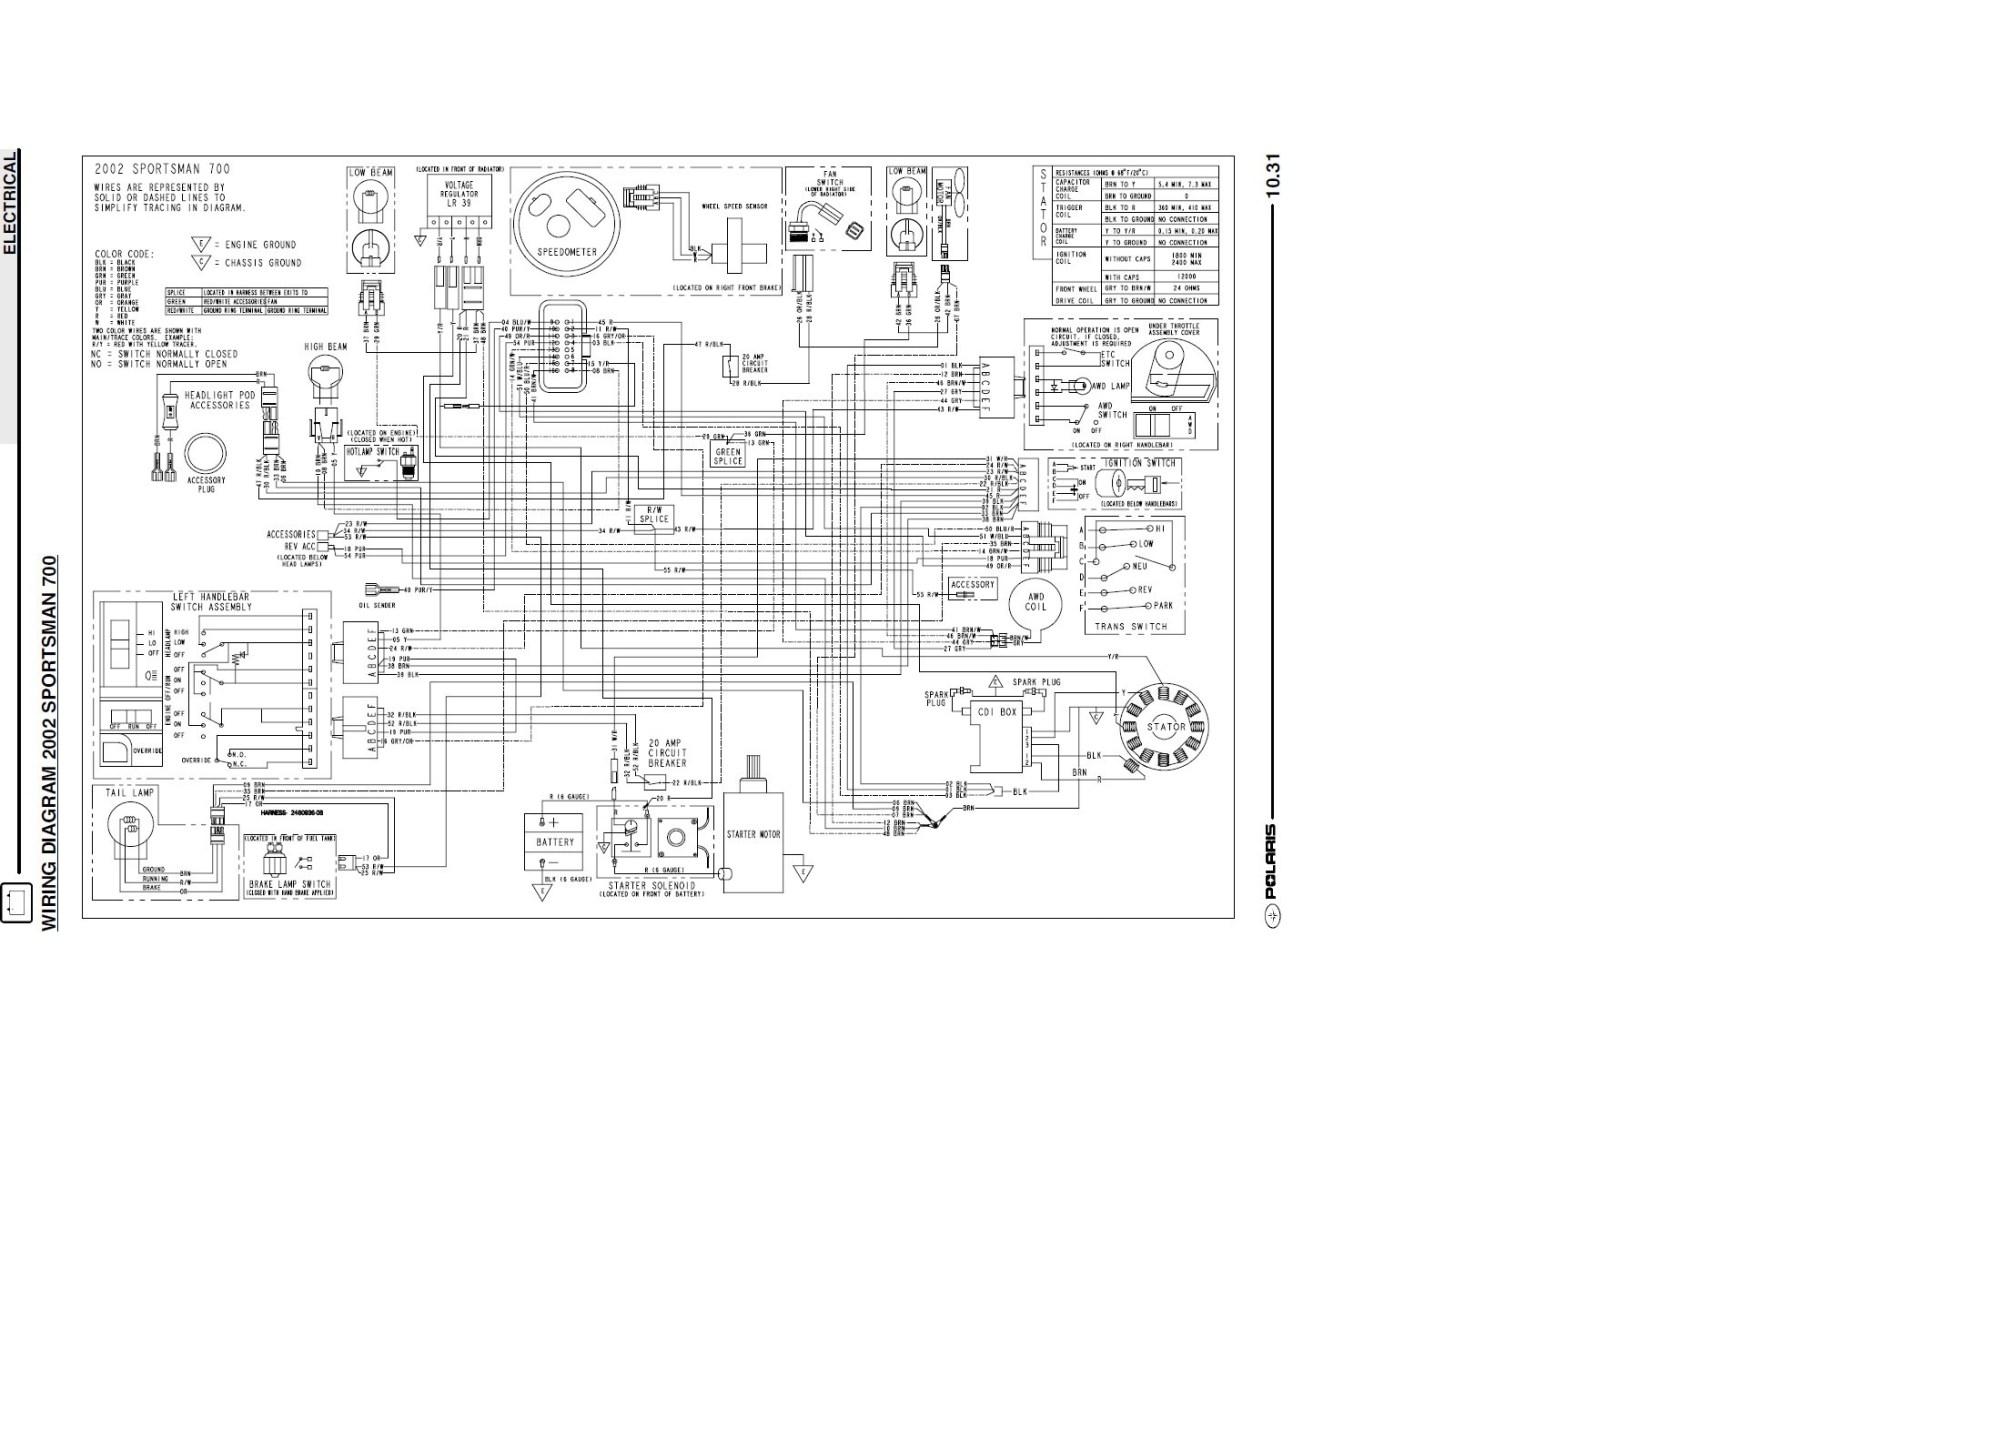 hight resolution of 2007 polaris wiring diagram wiring library polaris ranger electrical diagram 2007 polaris ranger wiring diagram